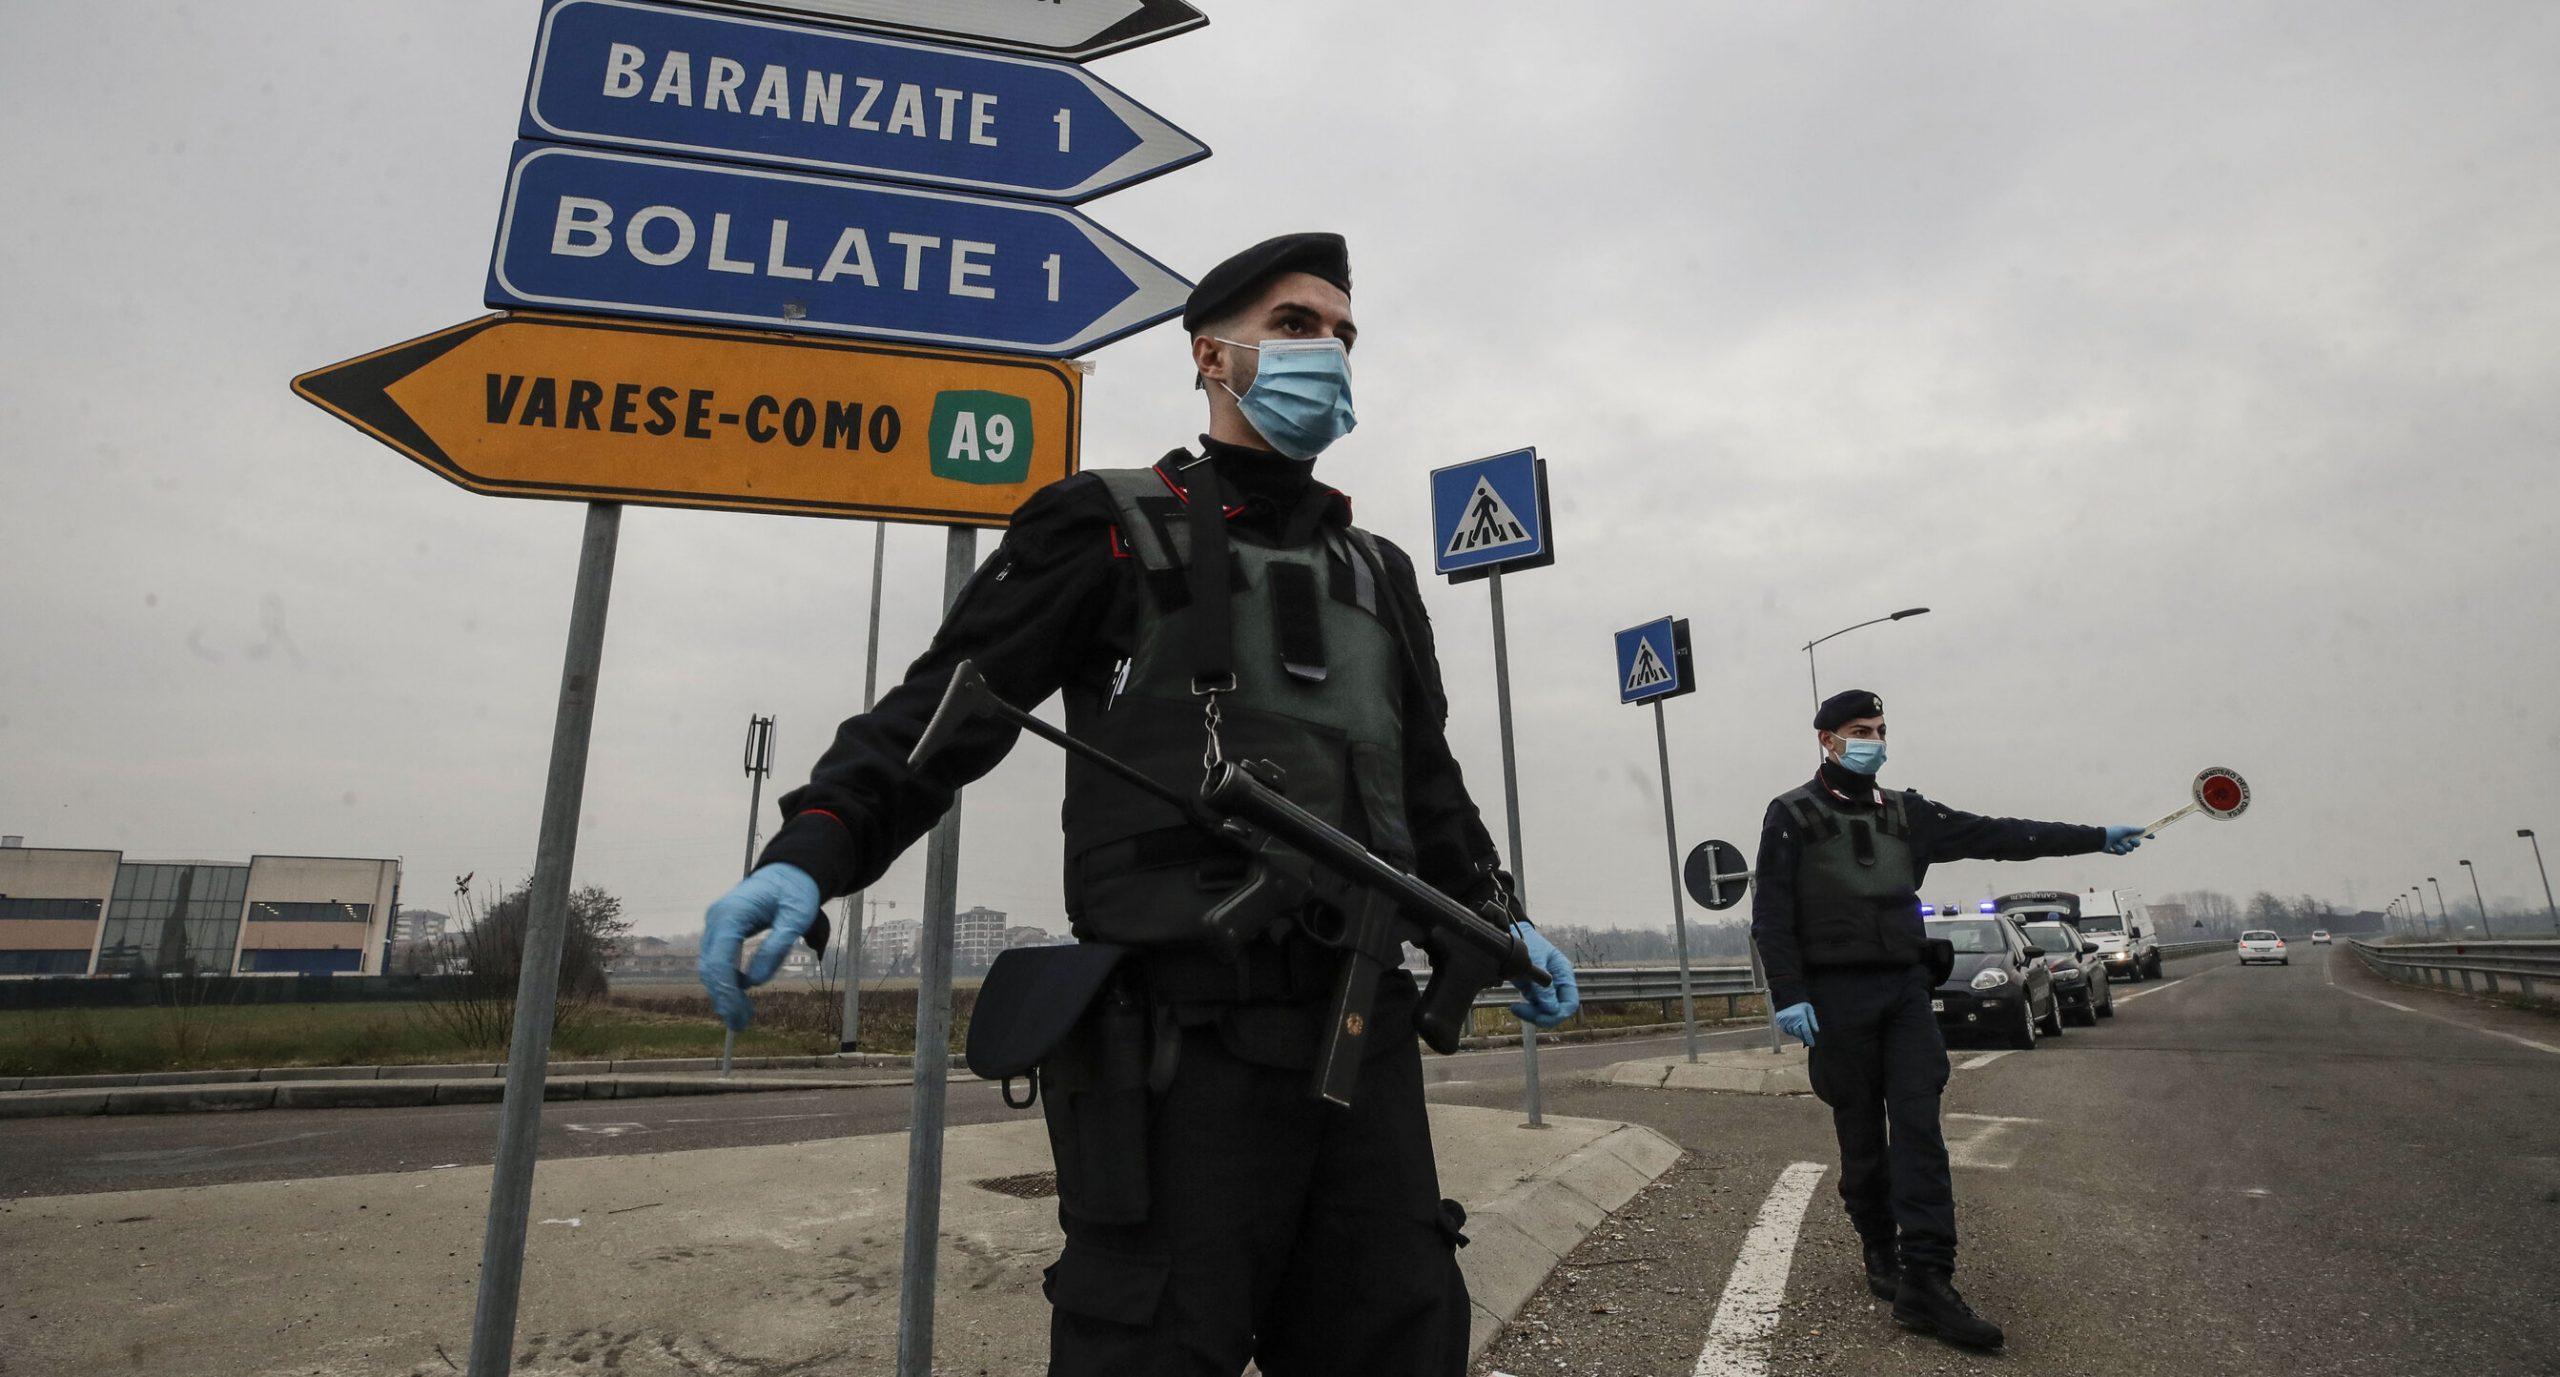 Italia se confruntă deja cu valul trei. 44% dintre cetățeni sunt în favoarea unor măsuri mai dure